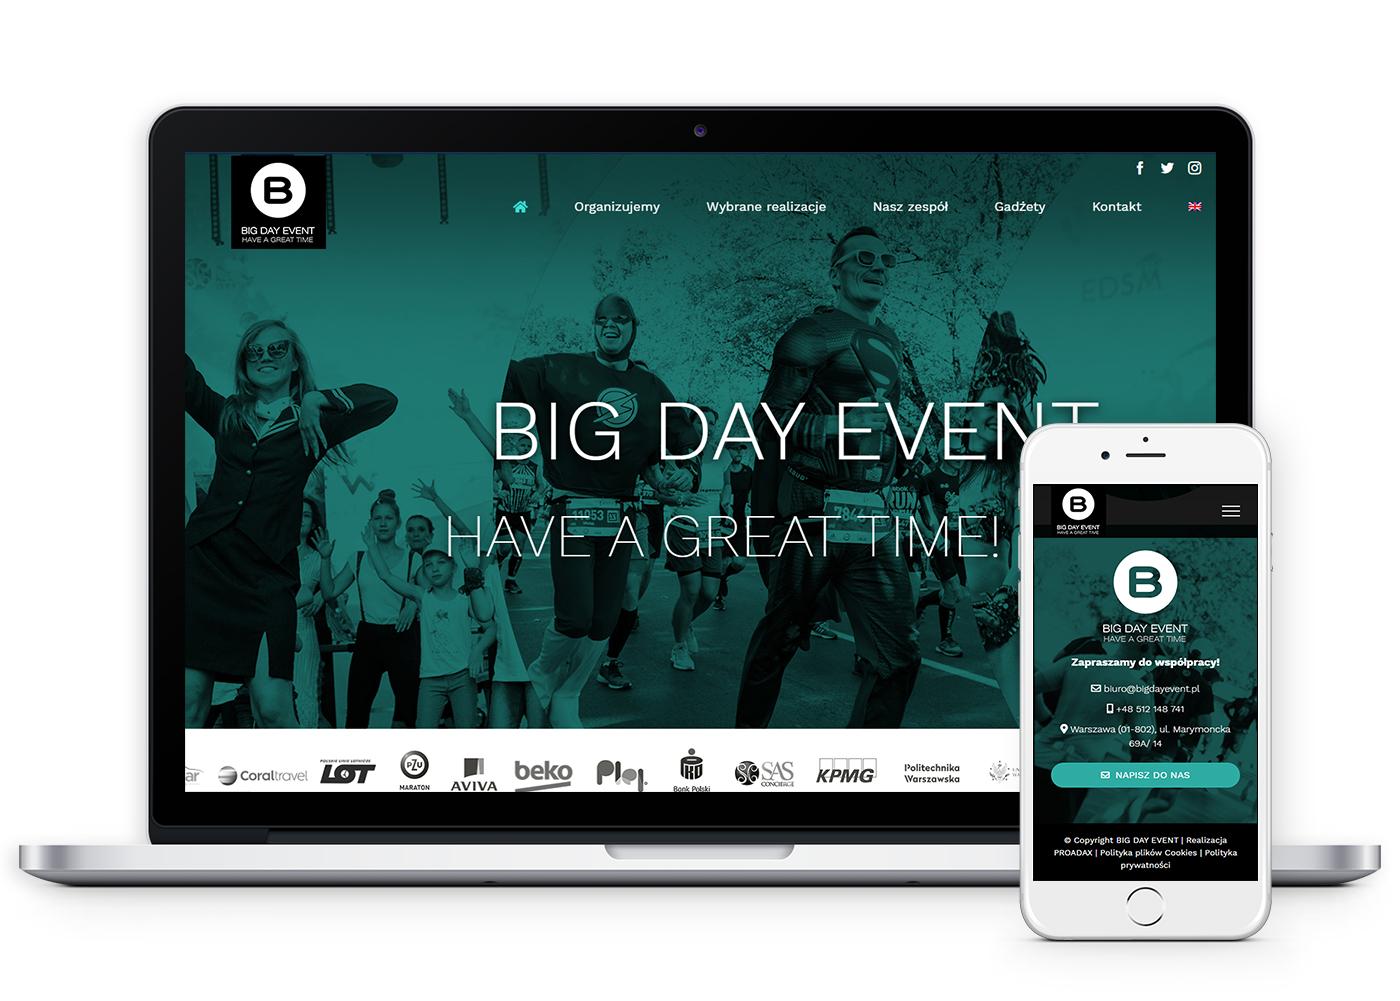 eventy-warszawa-strona-internetowa-big-day-event